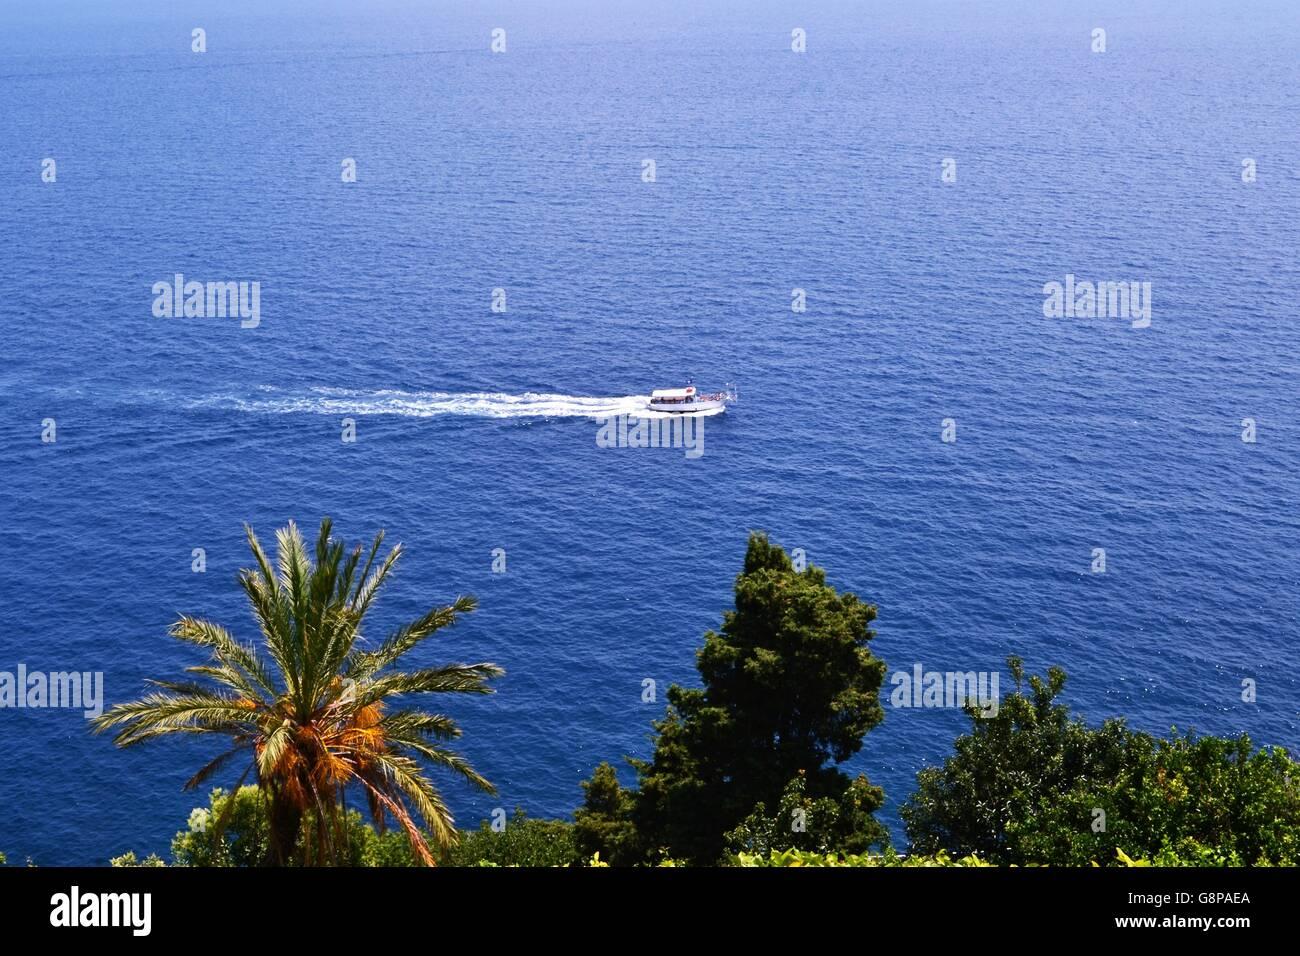 Mar Mediterraneo. n tuffo nel mare blu della costiera amalfitana - Stock Image